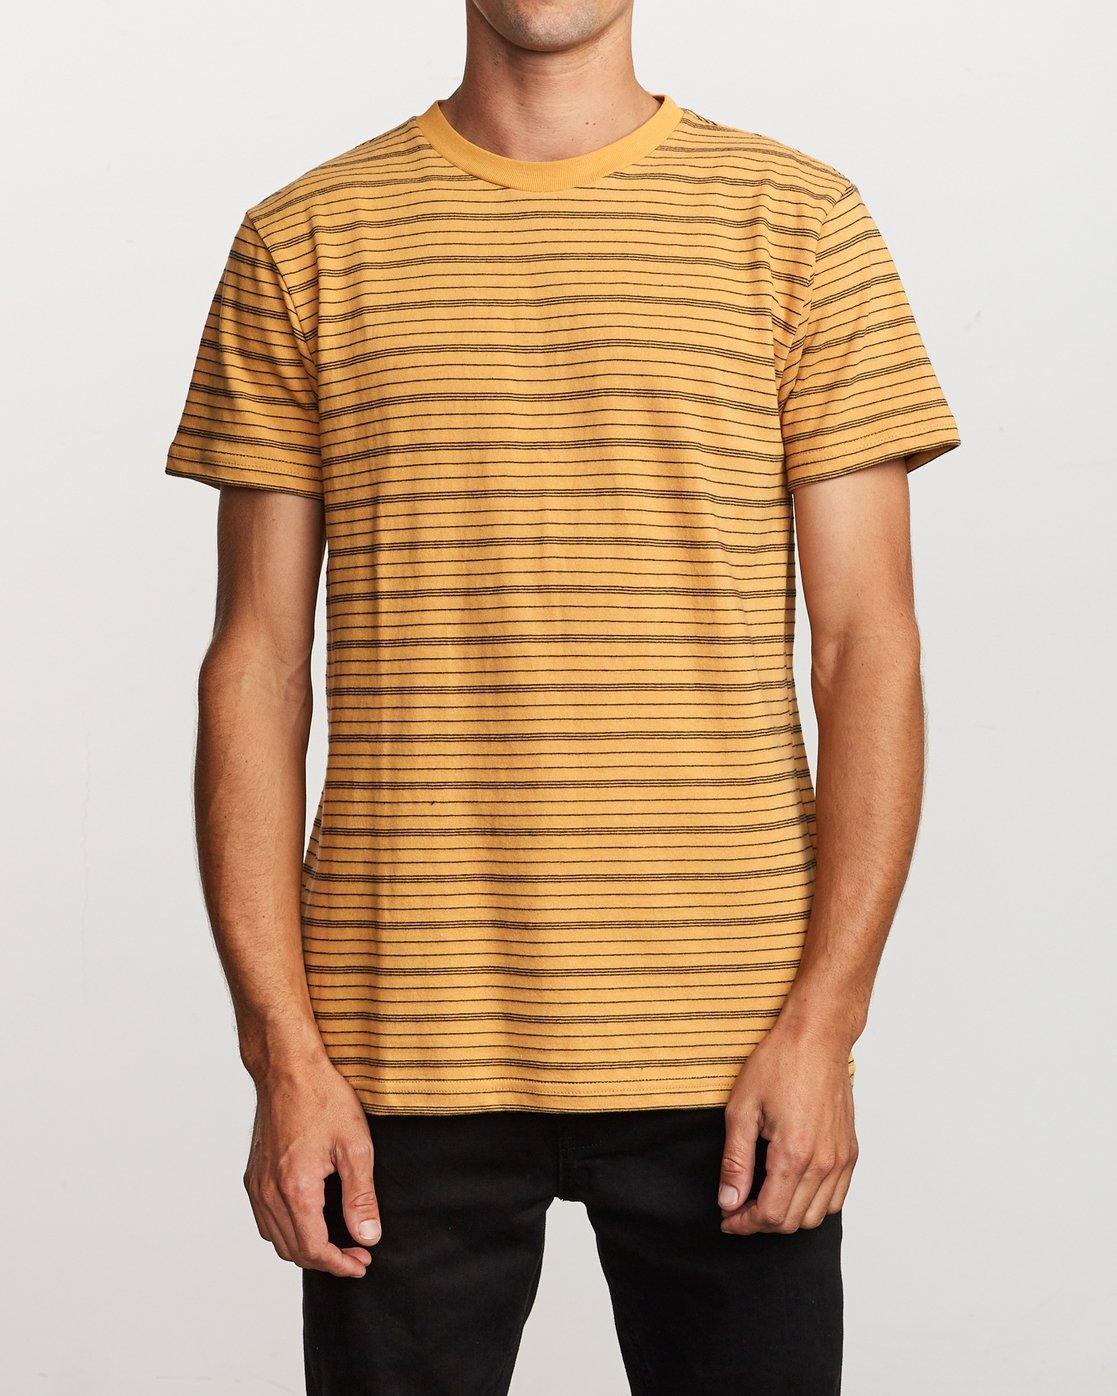 0 Amenity Stripe  - Knit T-Shirt Orange Q1KTRBRVF9 RVCA